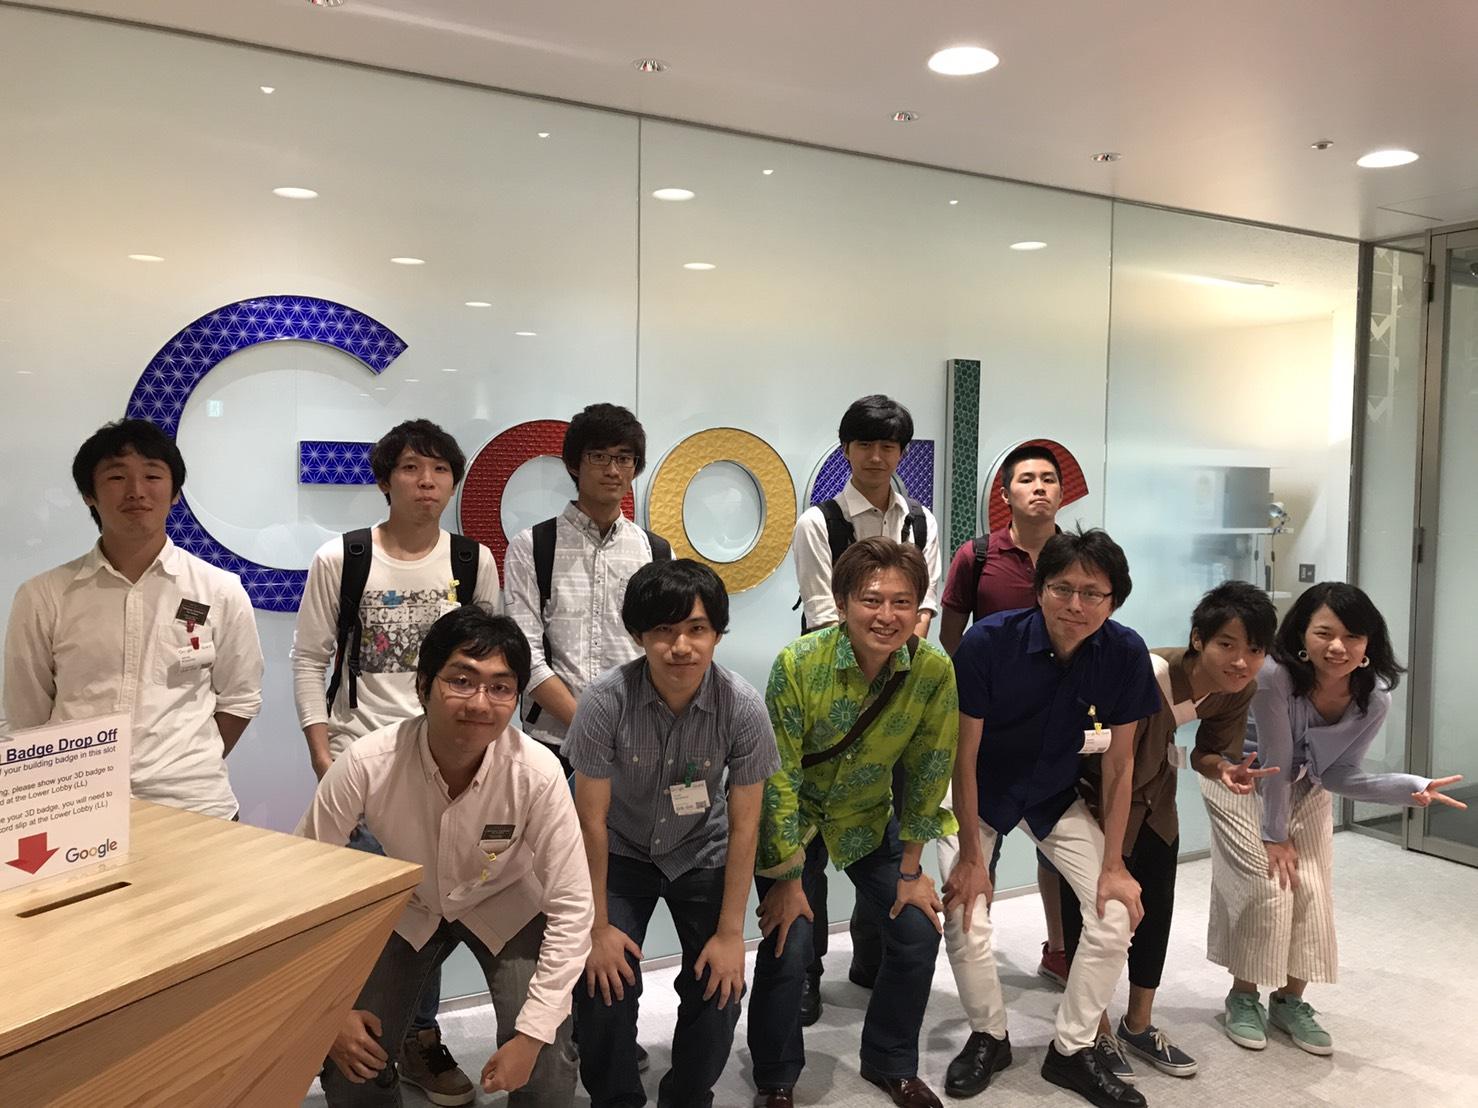 Googleオフィス見学ツアー(2017)